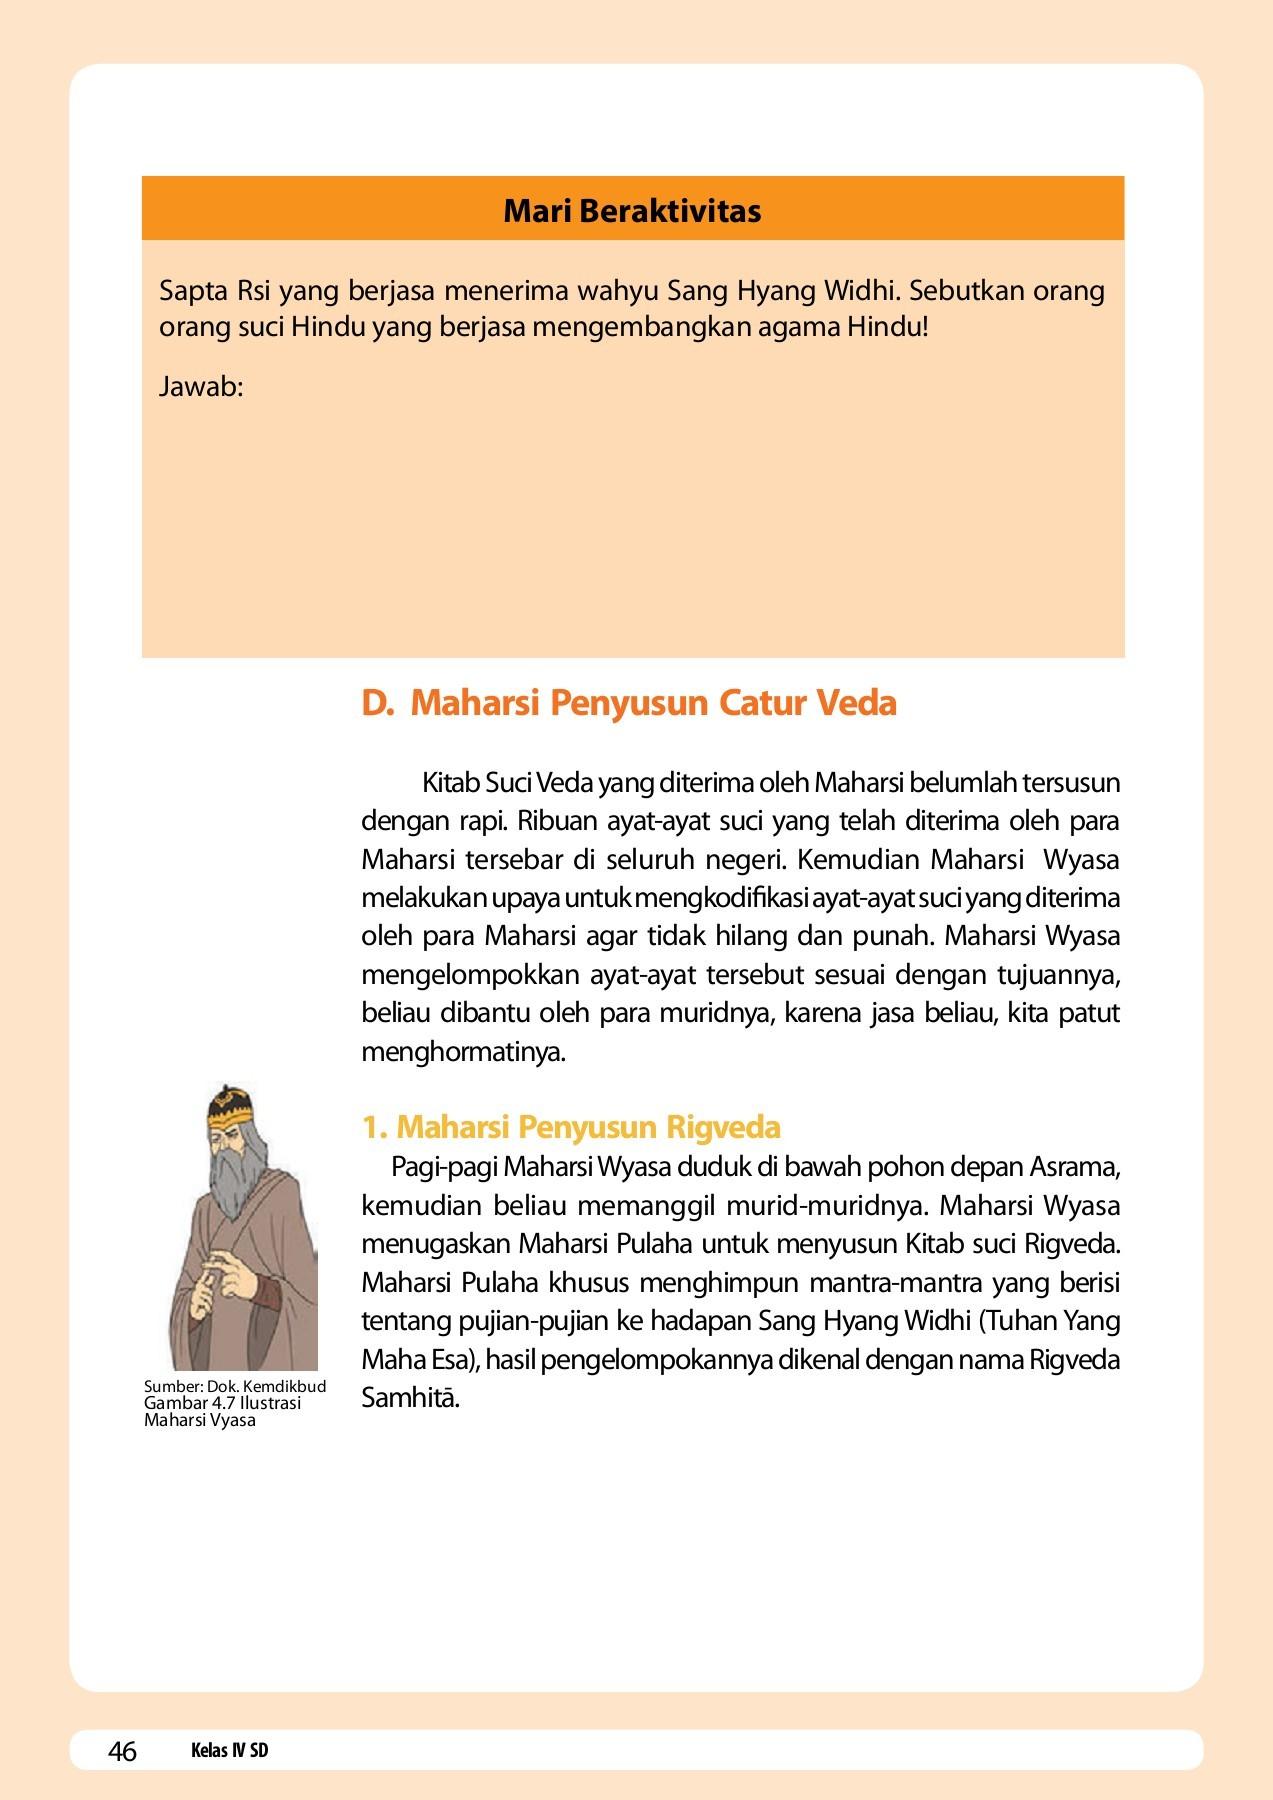 Bagian Catur Weda Samhita : bagian, catur, samhita, Kelas_04_SD_Pendidikan_Agama_Hindu_dan_Budi_Pekerti_Siswa, Pages, 51-96, PubHTML5